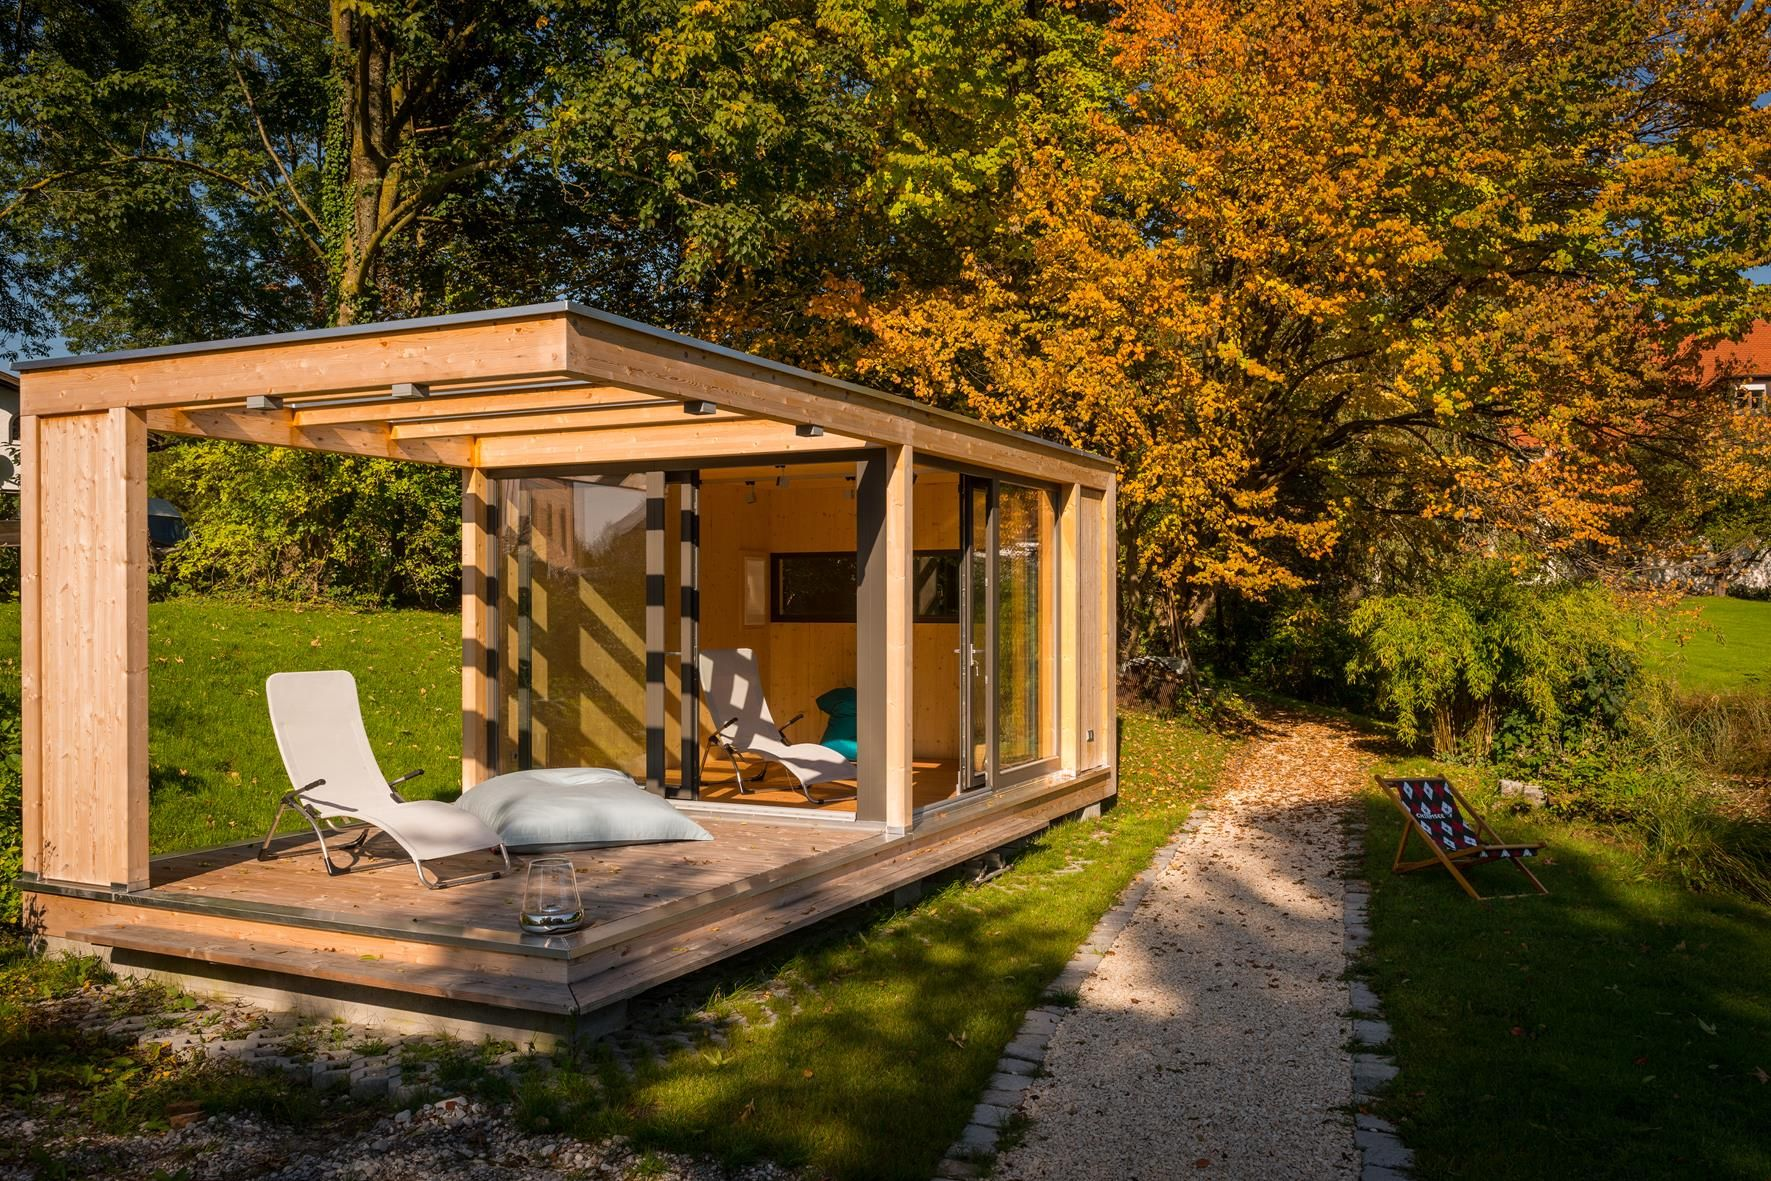 Design Gartenhaus design gartenhaus auf bayerischem seegrundstück gardenhouses